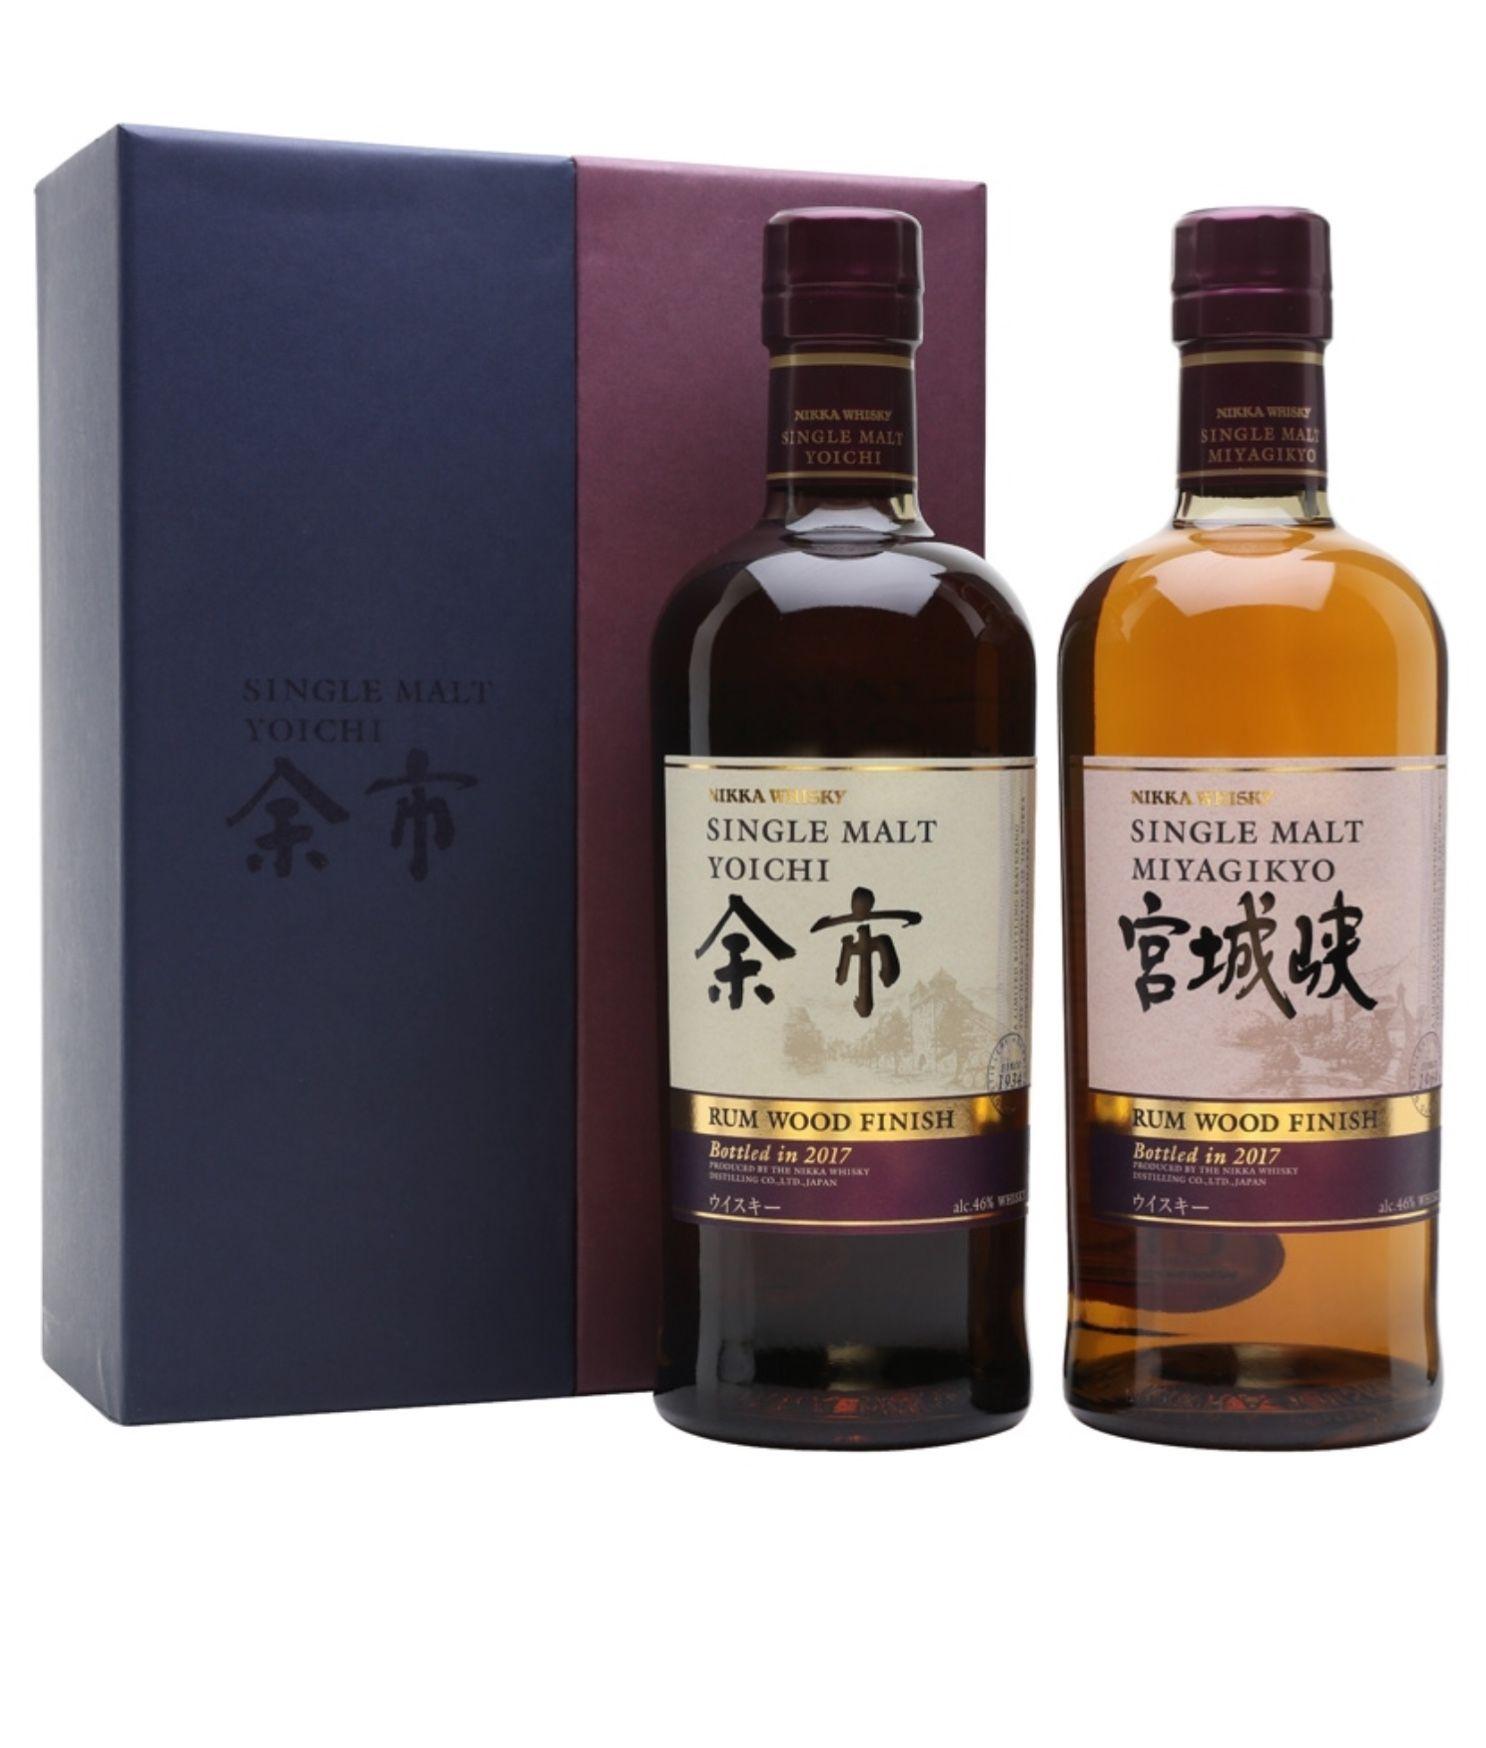 nikka yoichi miyagikyo rum cask finish japan